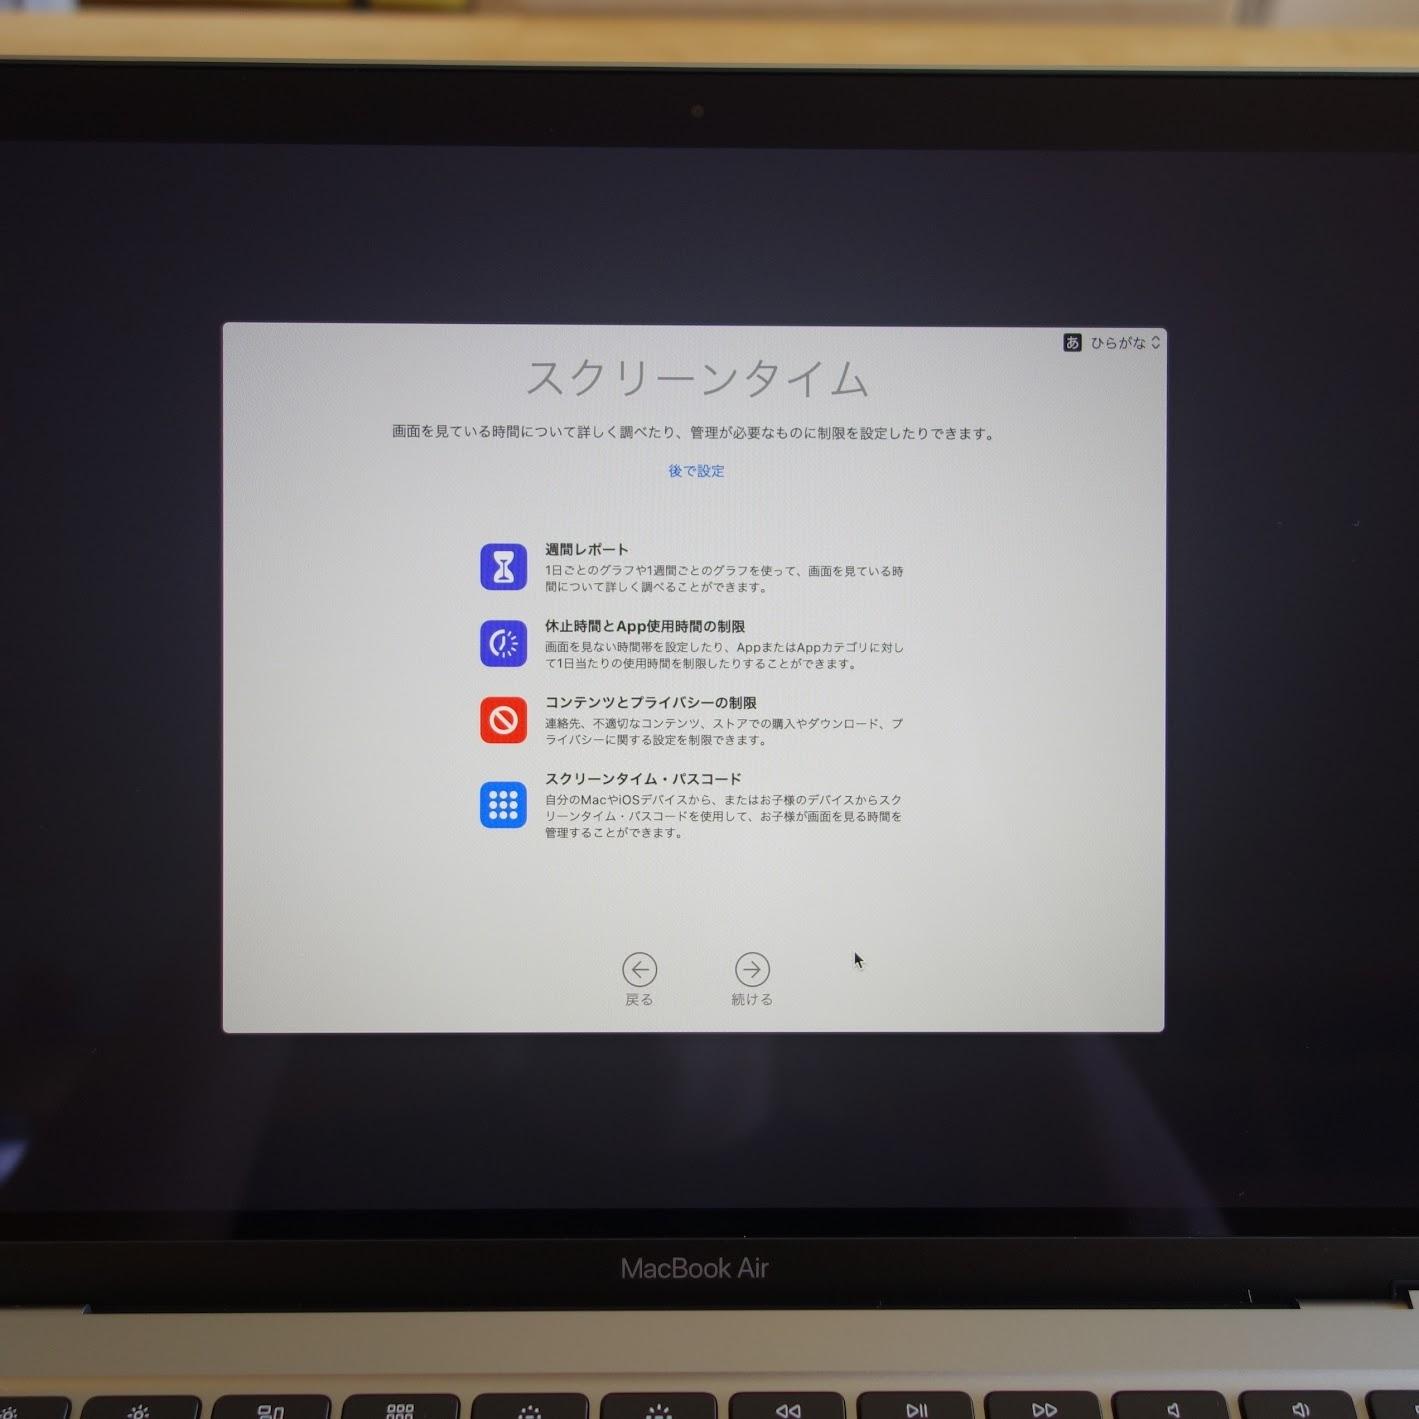 MacBook Air スクリーンタイム